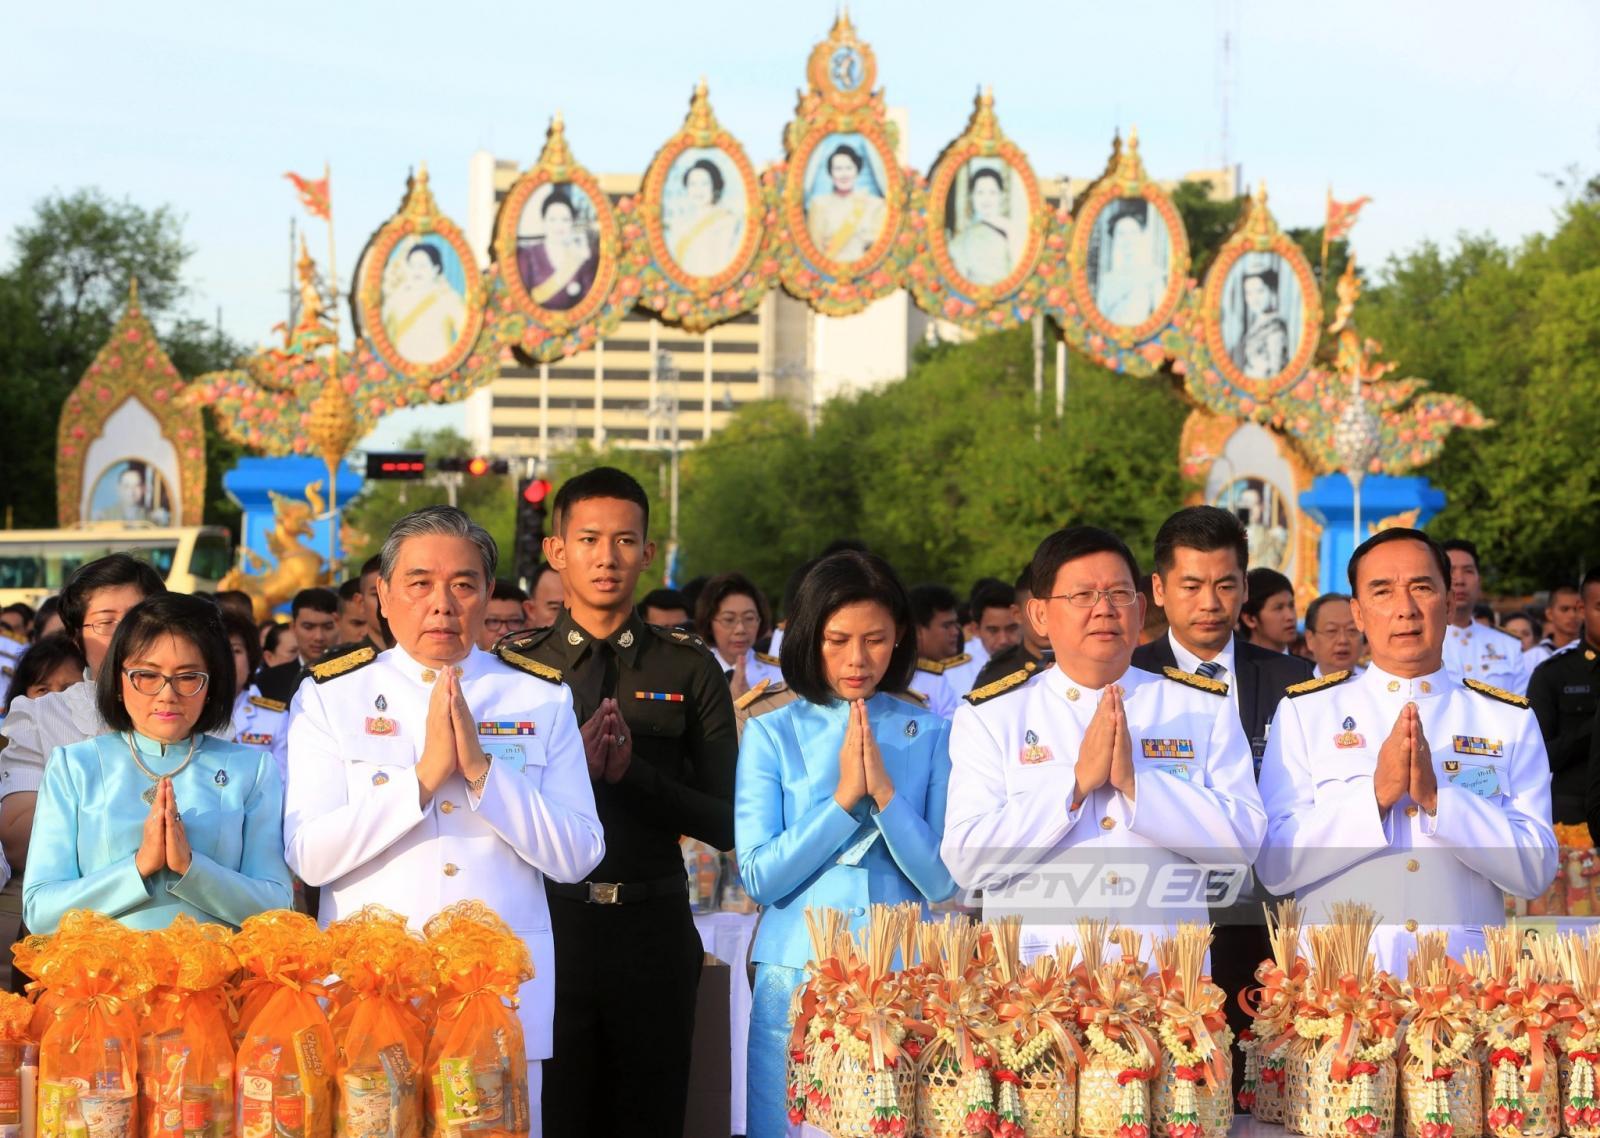 นายกฯ-ประชาชนร่วมตักบาตรถวายพระราชกุศลวันแม่แห่งชาติ